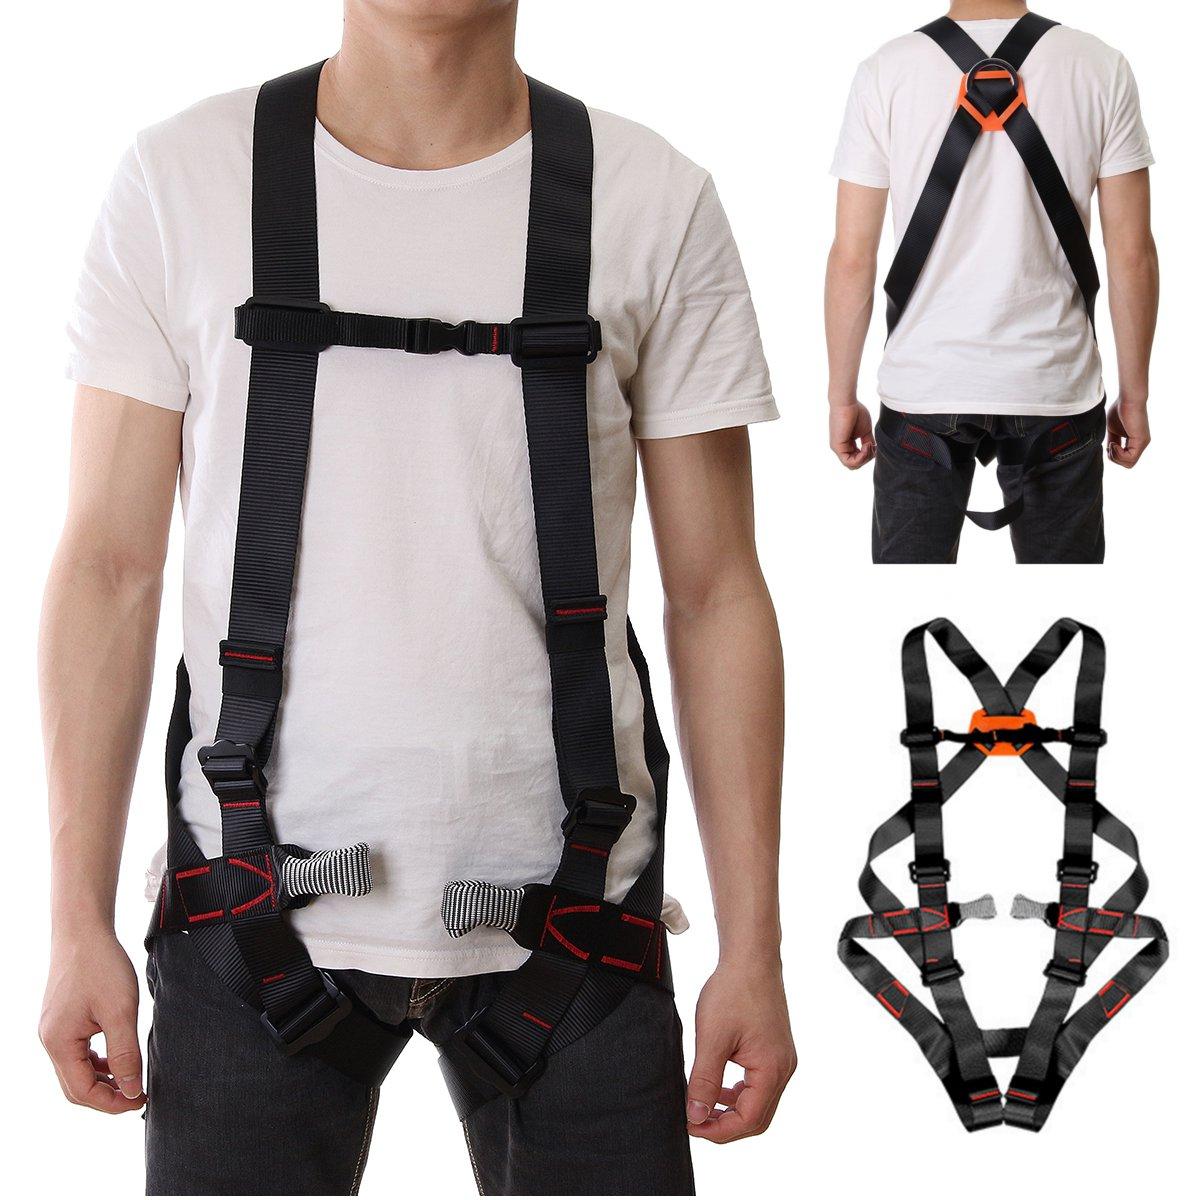 Chaud extérieur 800 KG escalade harnais sécurité rappel ceinture alpinisme harnais rock siège assis buste ceintures de protection